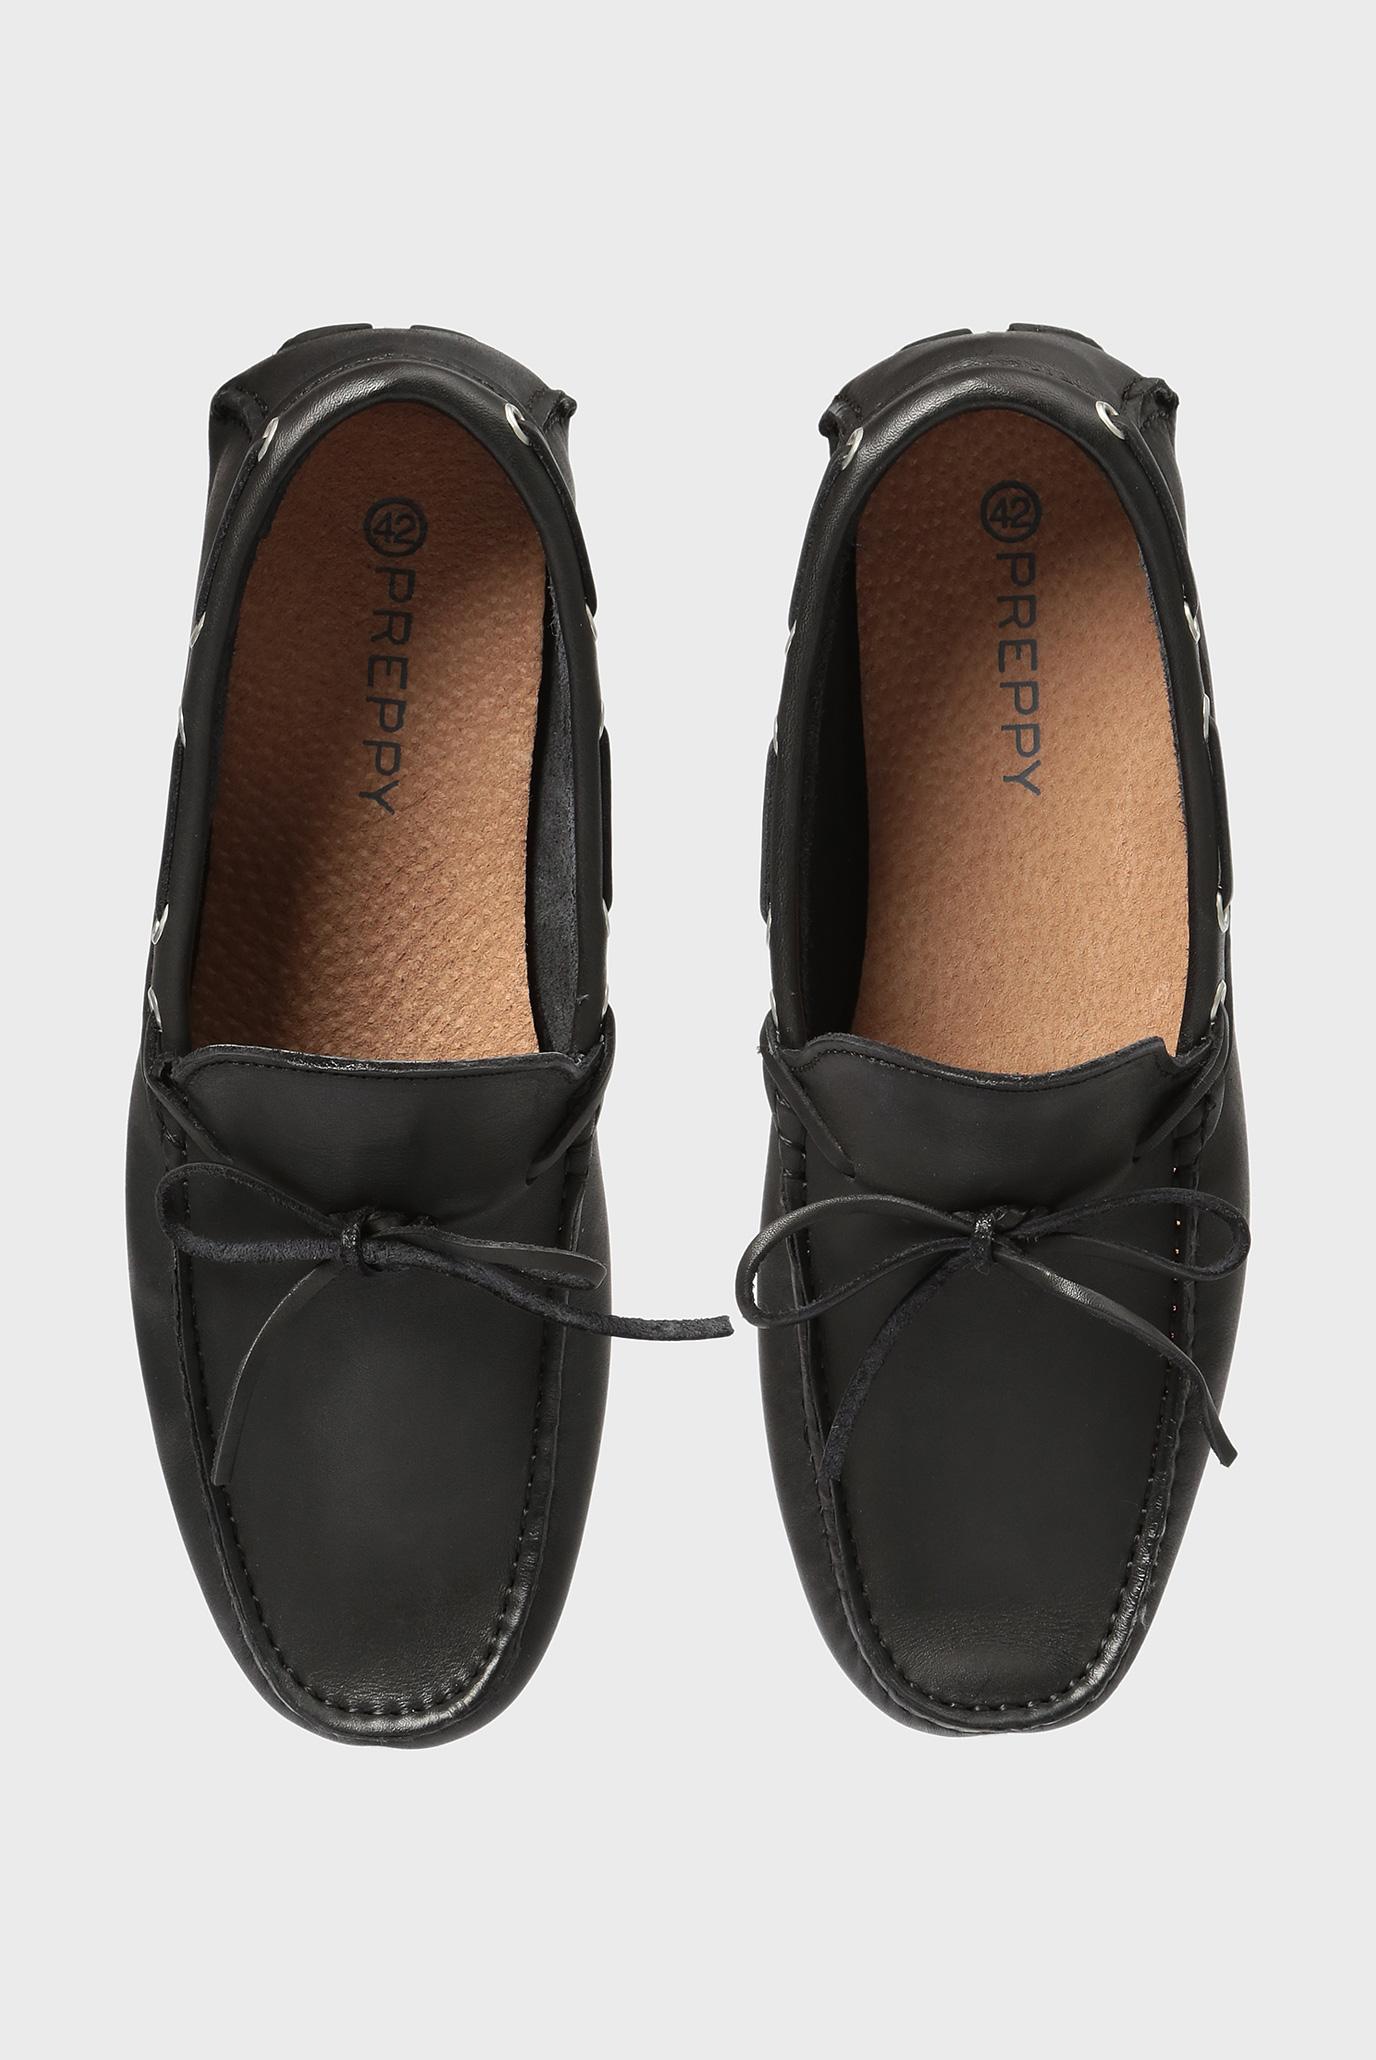 Купить Мужские черные кожаные мокасины Preppy Preppy 6.34.32300.415 – Киев, Украина. Цены в интернет магазине MD Fashion